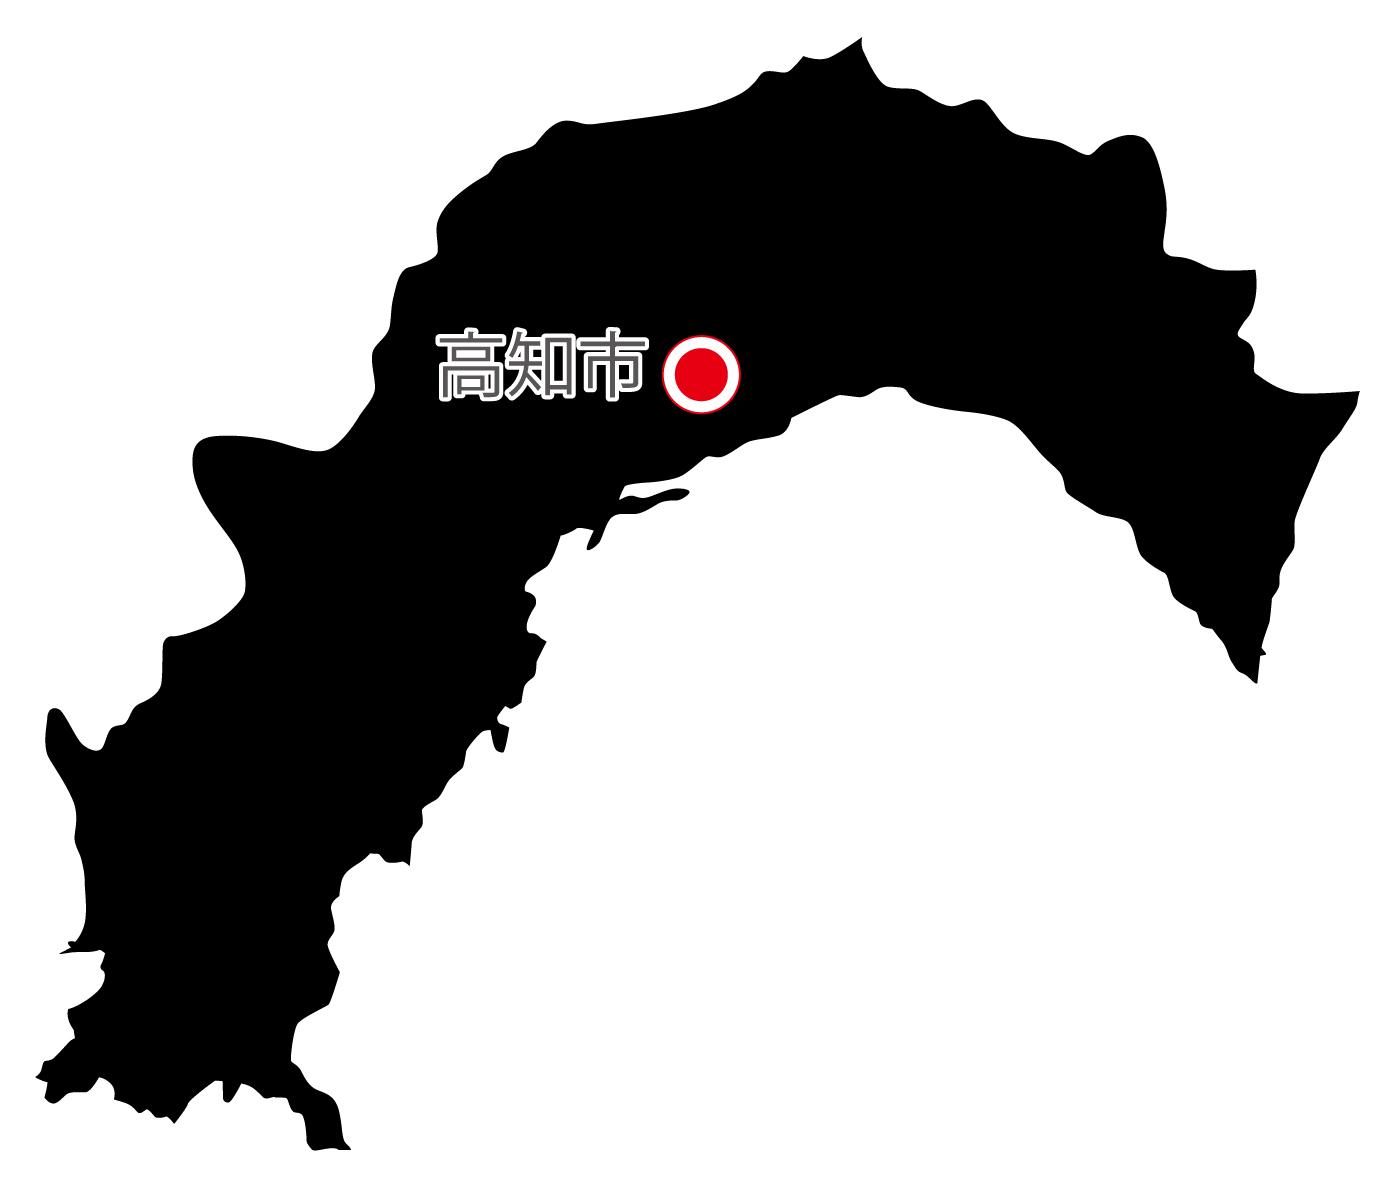 高知県無料フリーイラスト|日本語・県庁所在地あり(黒)